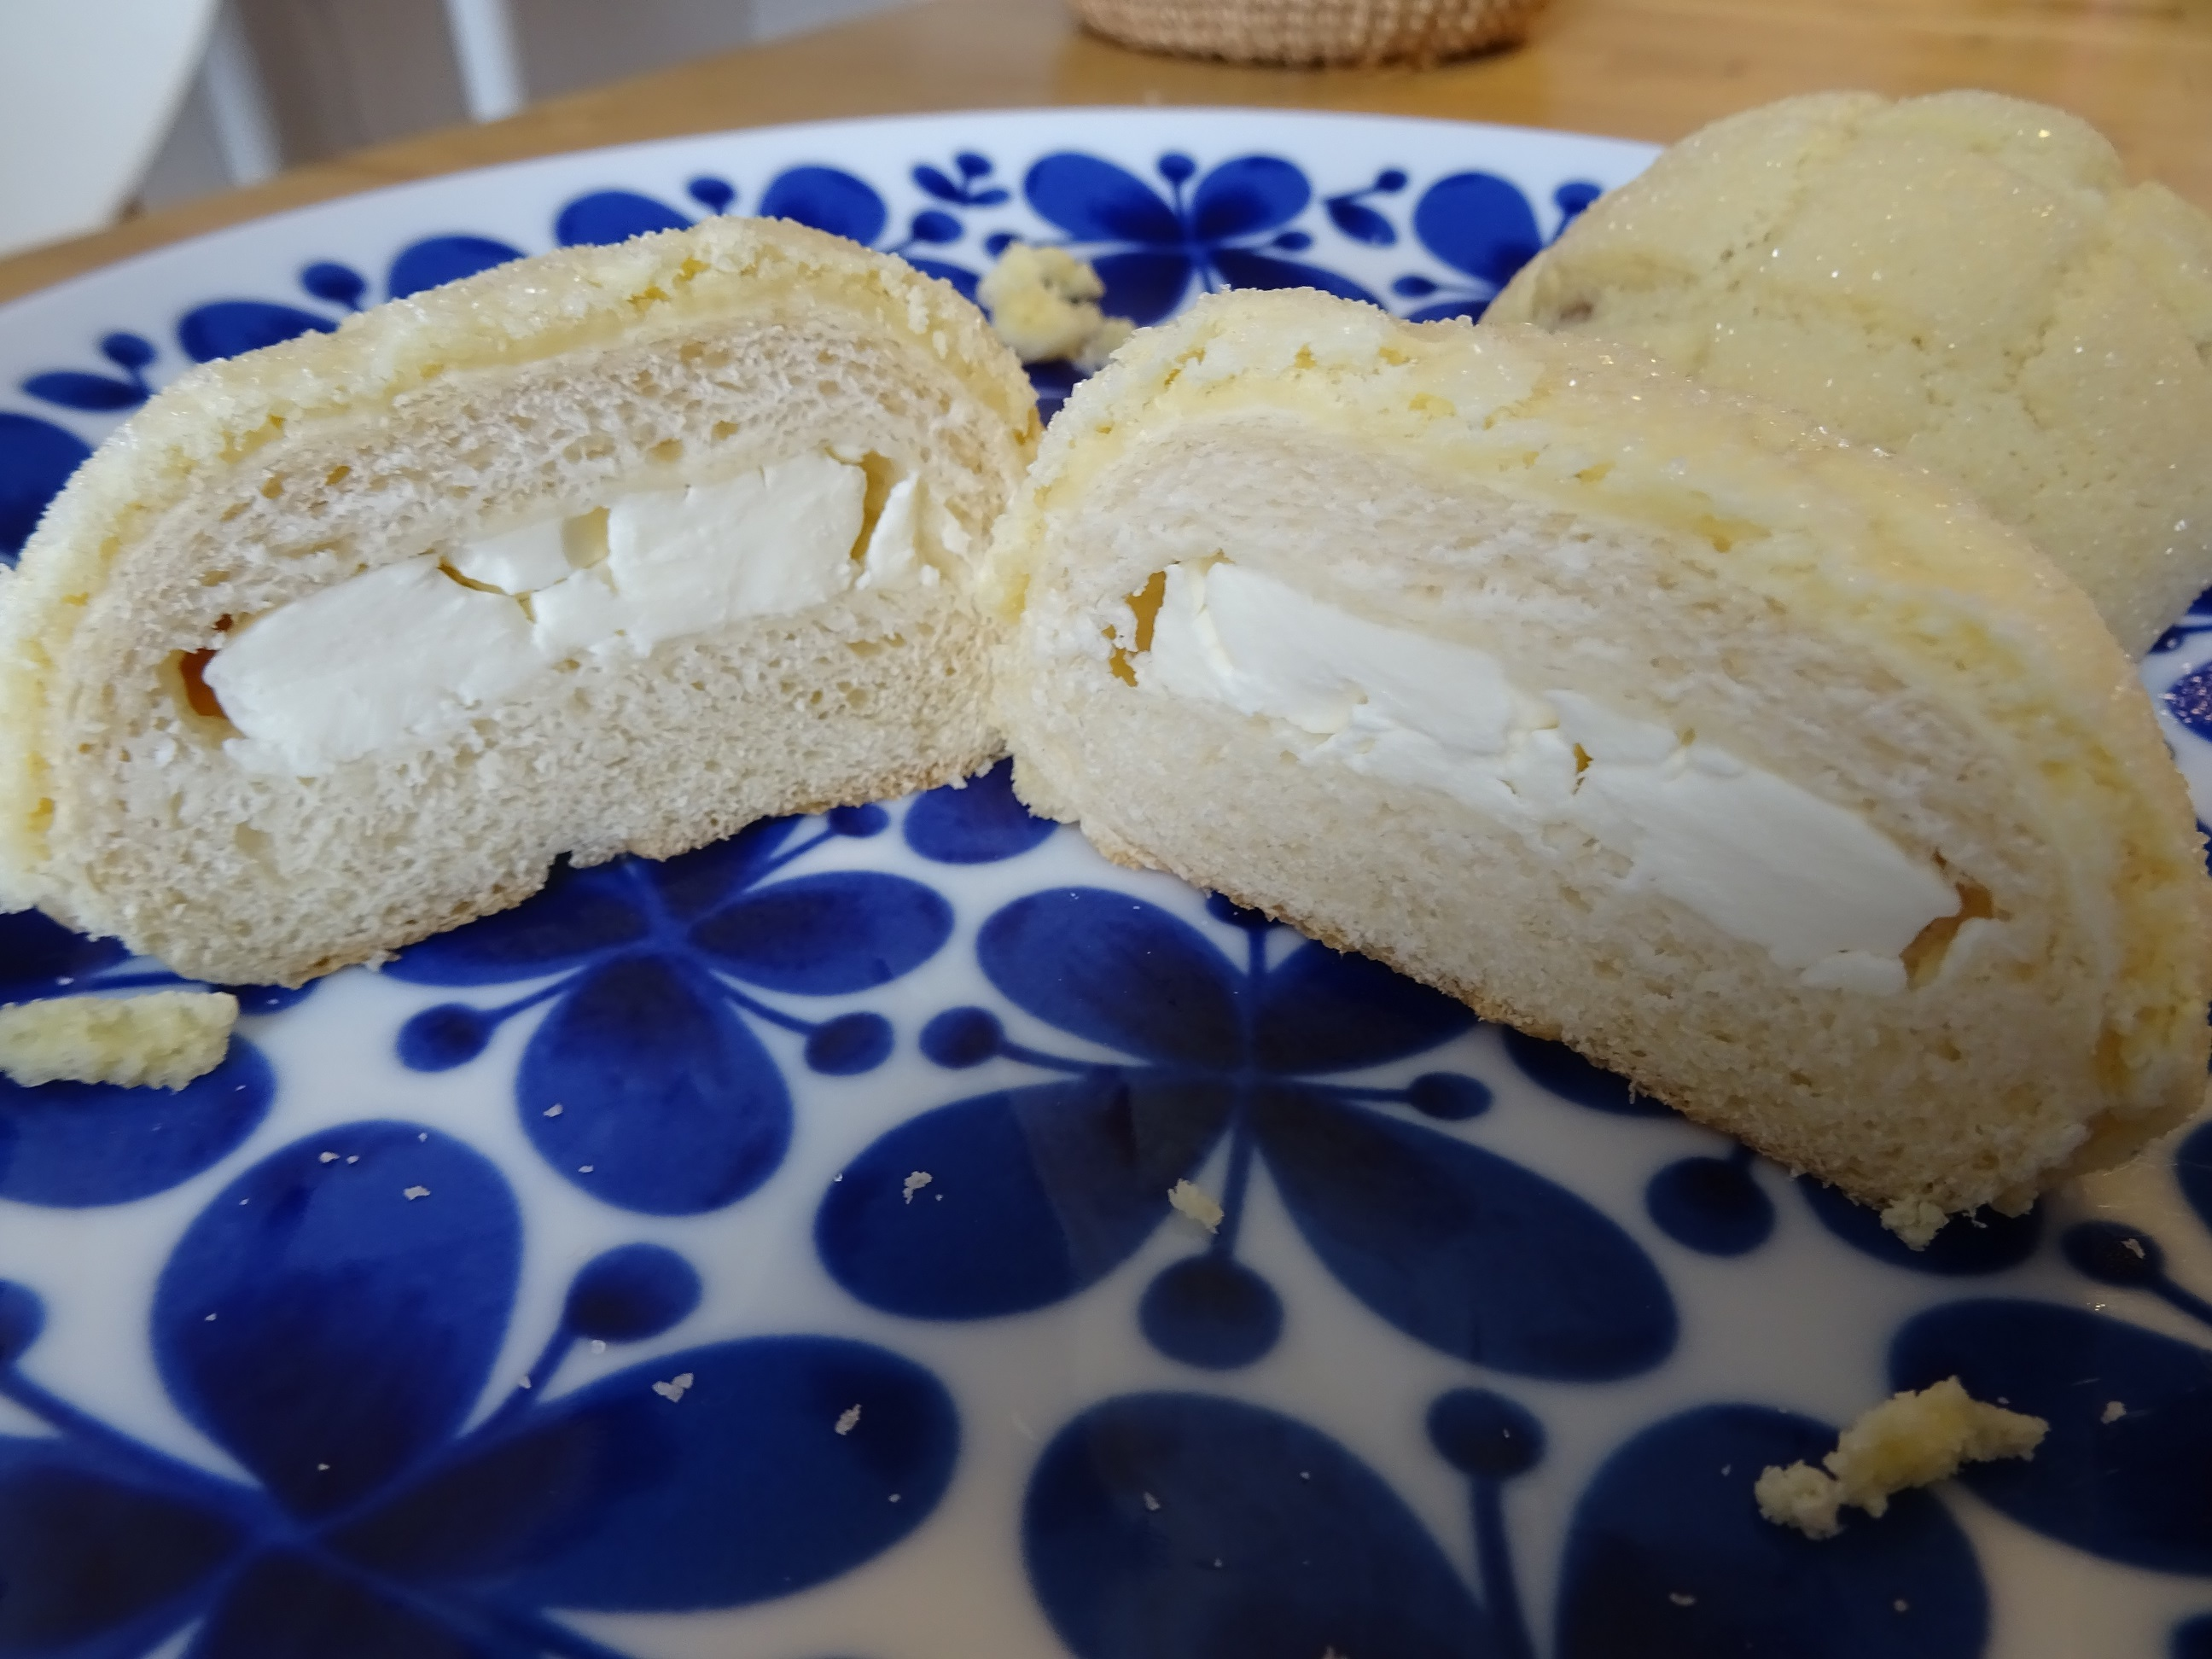 クリームチーズとメープルジャムのメロンパン3